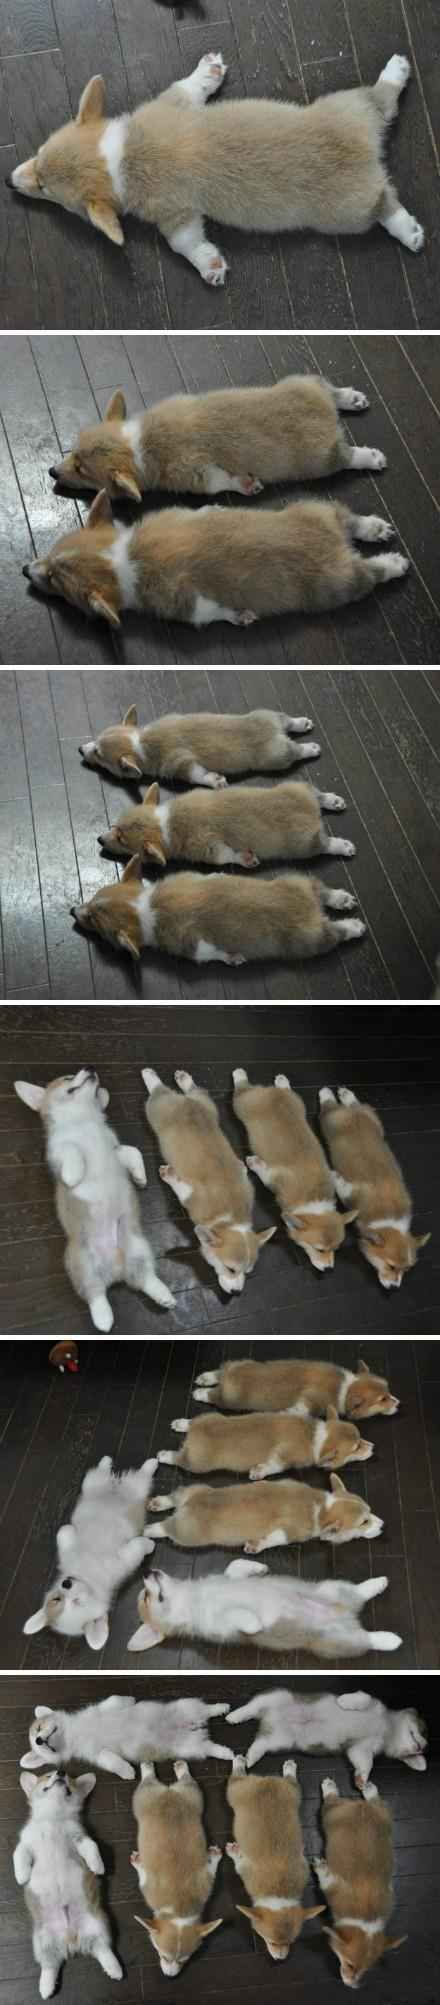 一只……两只……三只……一共六只可爱的柯基在睡觉~~